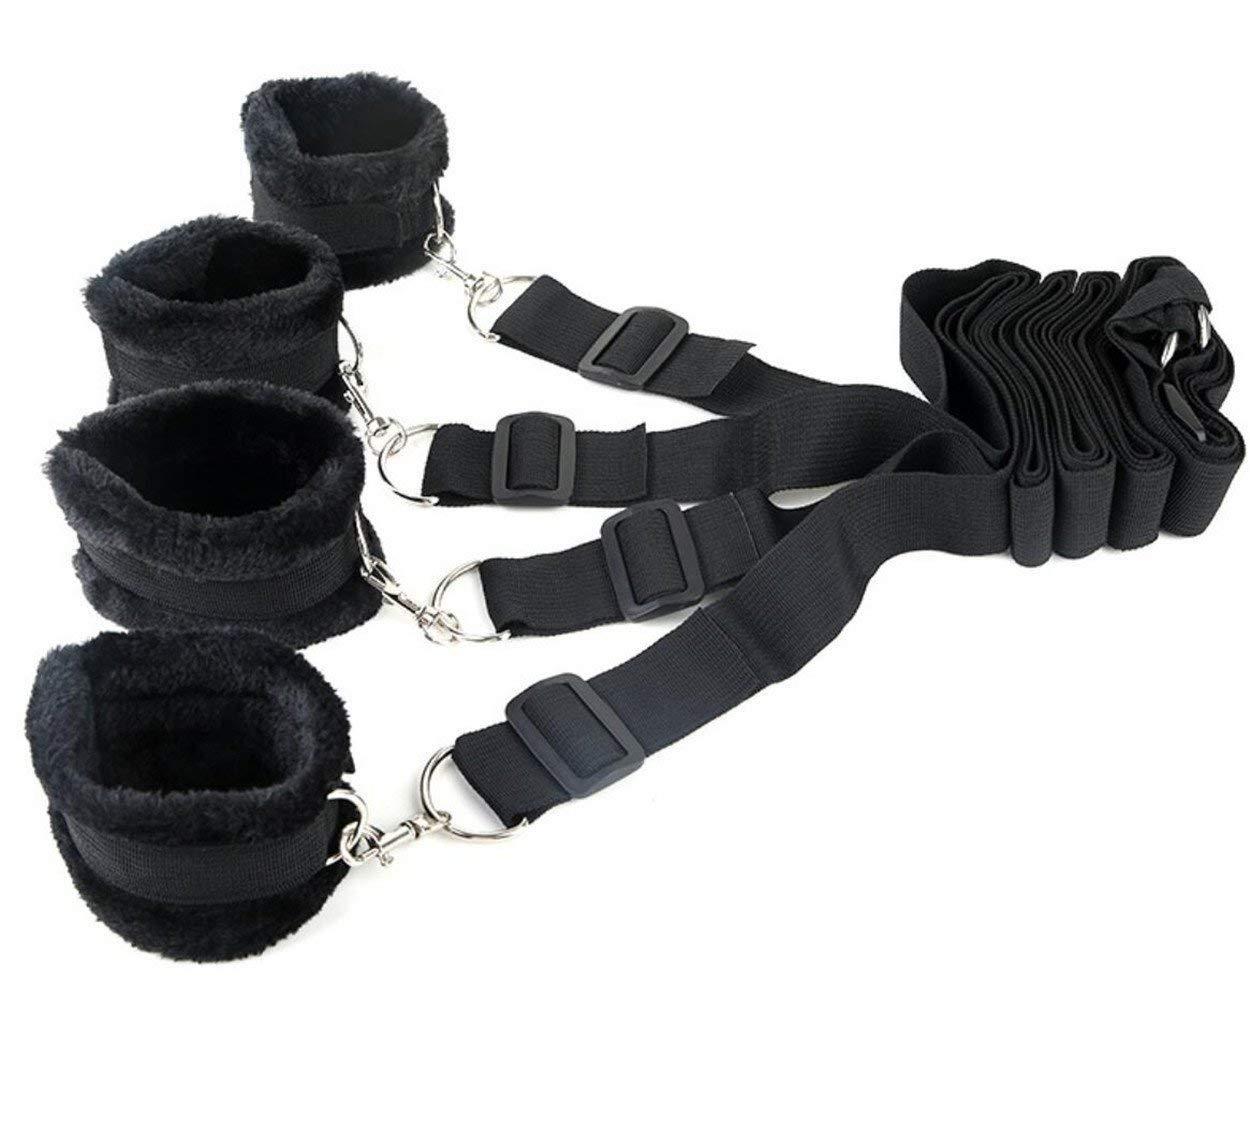 My's baby Whuql Negro Bajo Sistema de sujeción puños de esclavitud de Cama con puños sujeción de Mano Colección de esclavitud de puño de Tobillo para Pareja de Hombres SM cf5c43